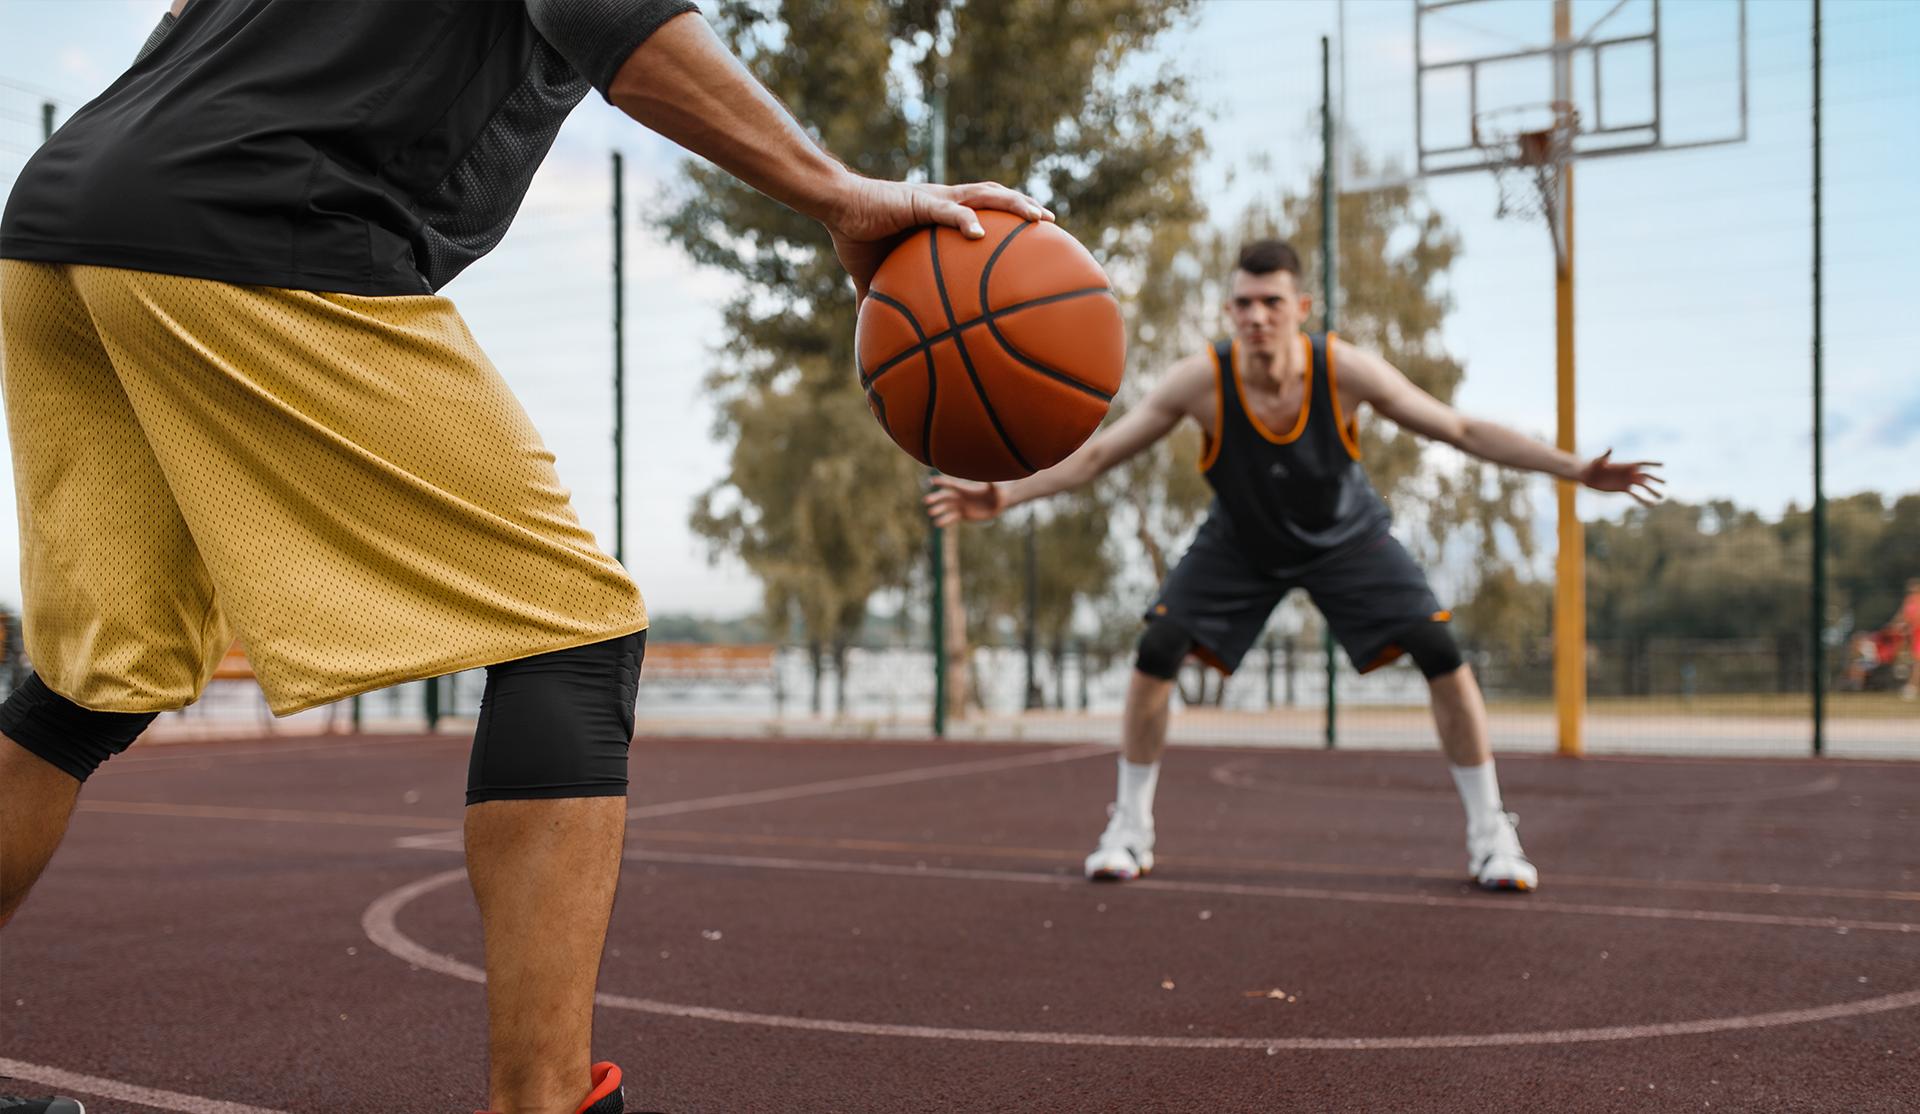 Dos joves jugant a bàsquet